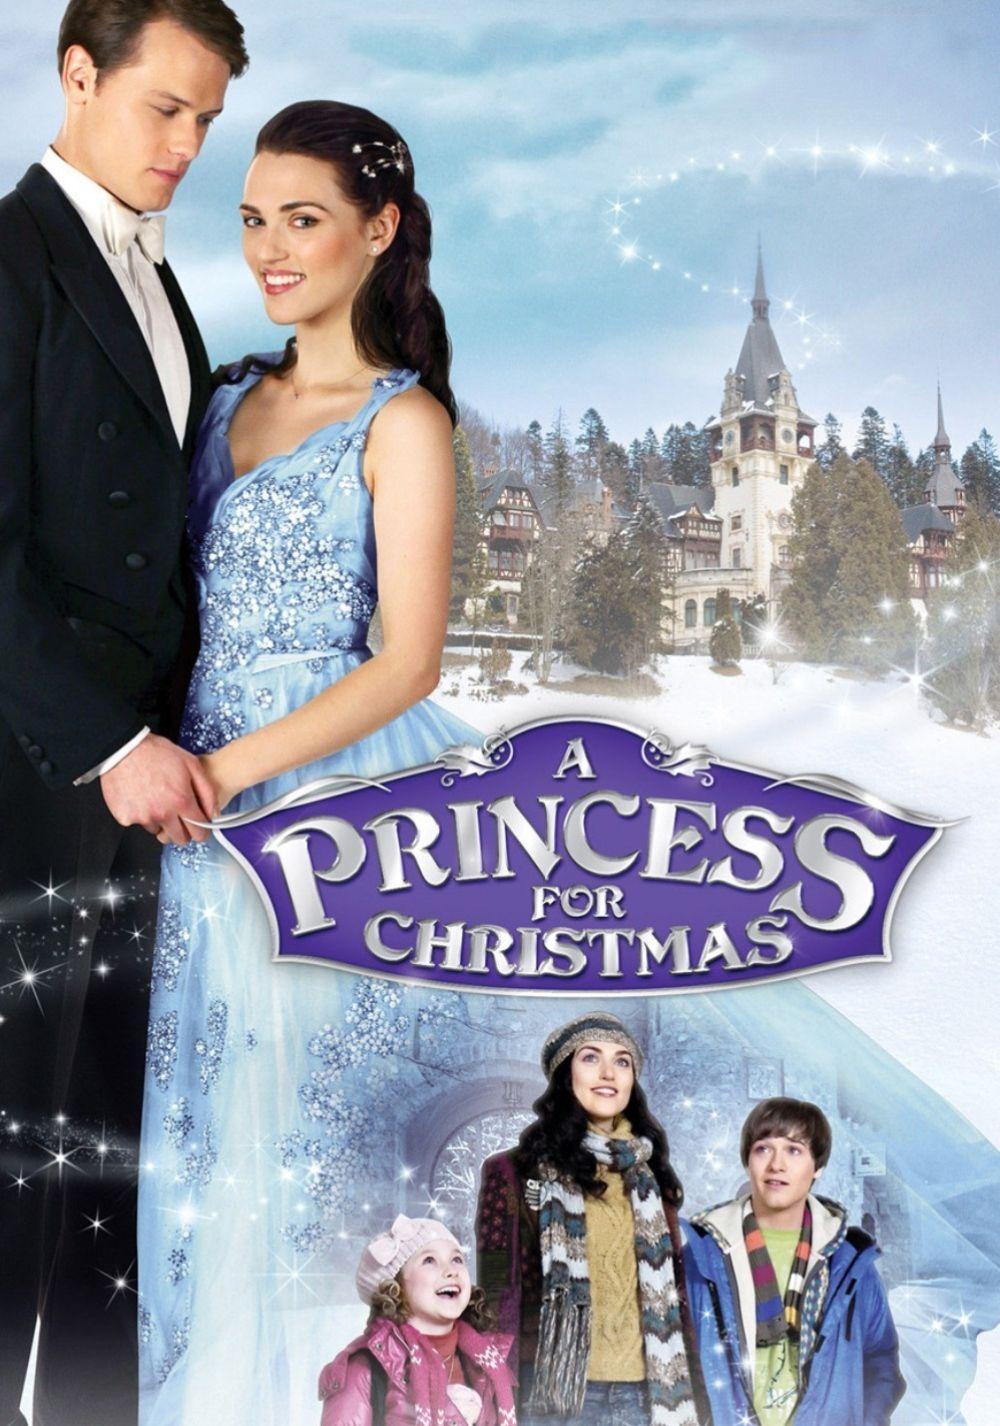 Filme Weihnachten 2019.Aprincessforchristmas 2011 Movies In 2019 Weihnachtsfilme